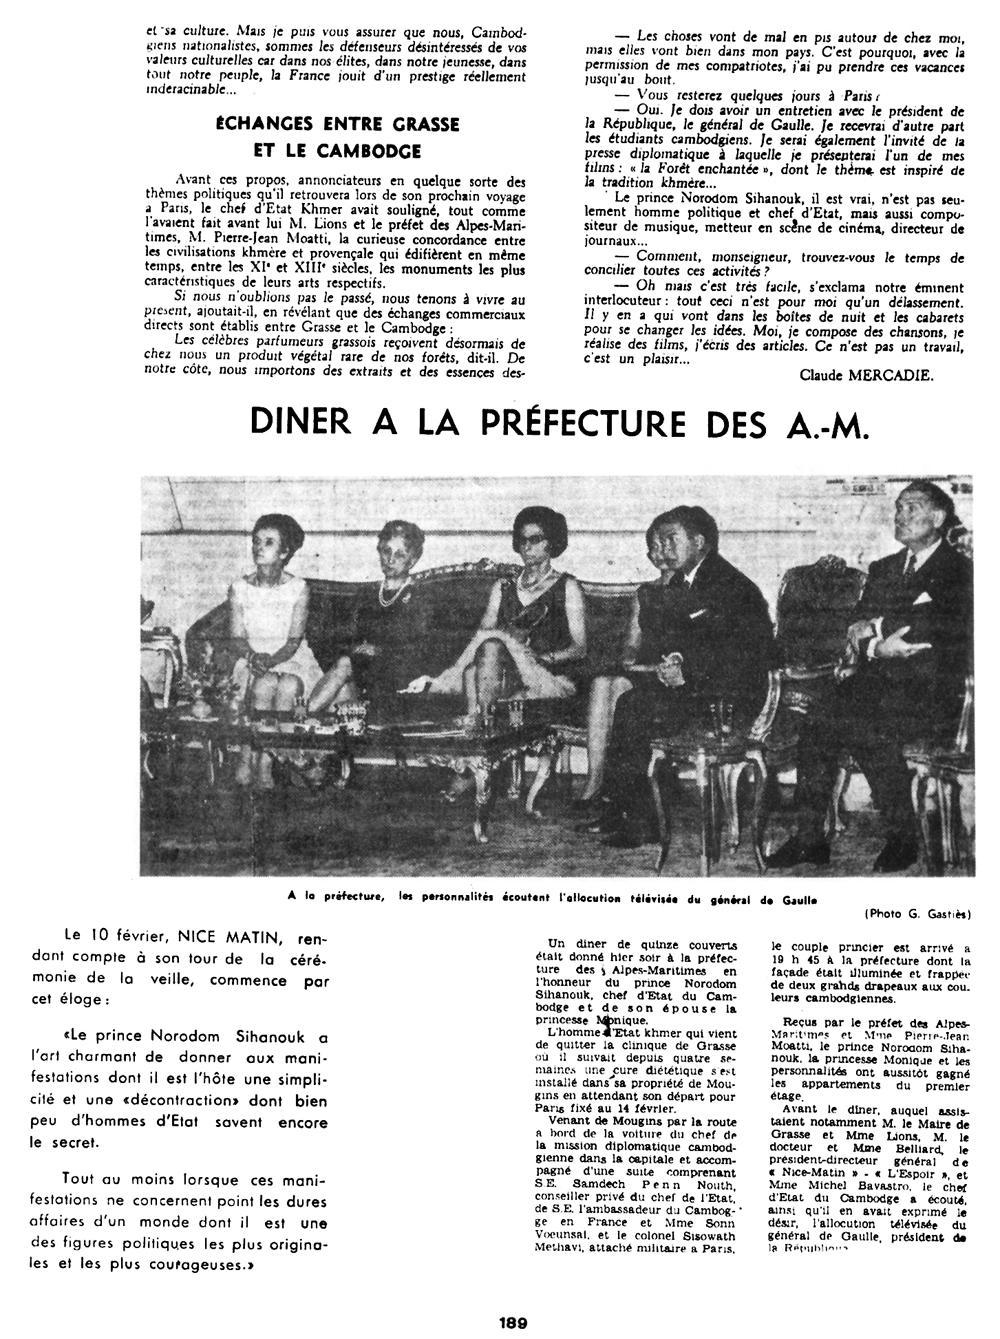 All/history/Histoire/NorodomSihanoukenFrance/NorodomSihanoukenFrance/id409/photo011.jpg